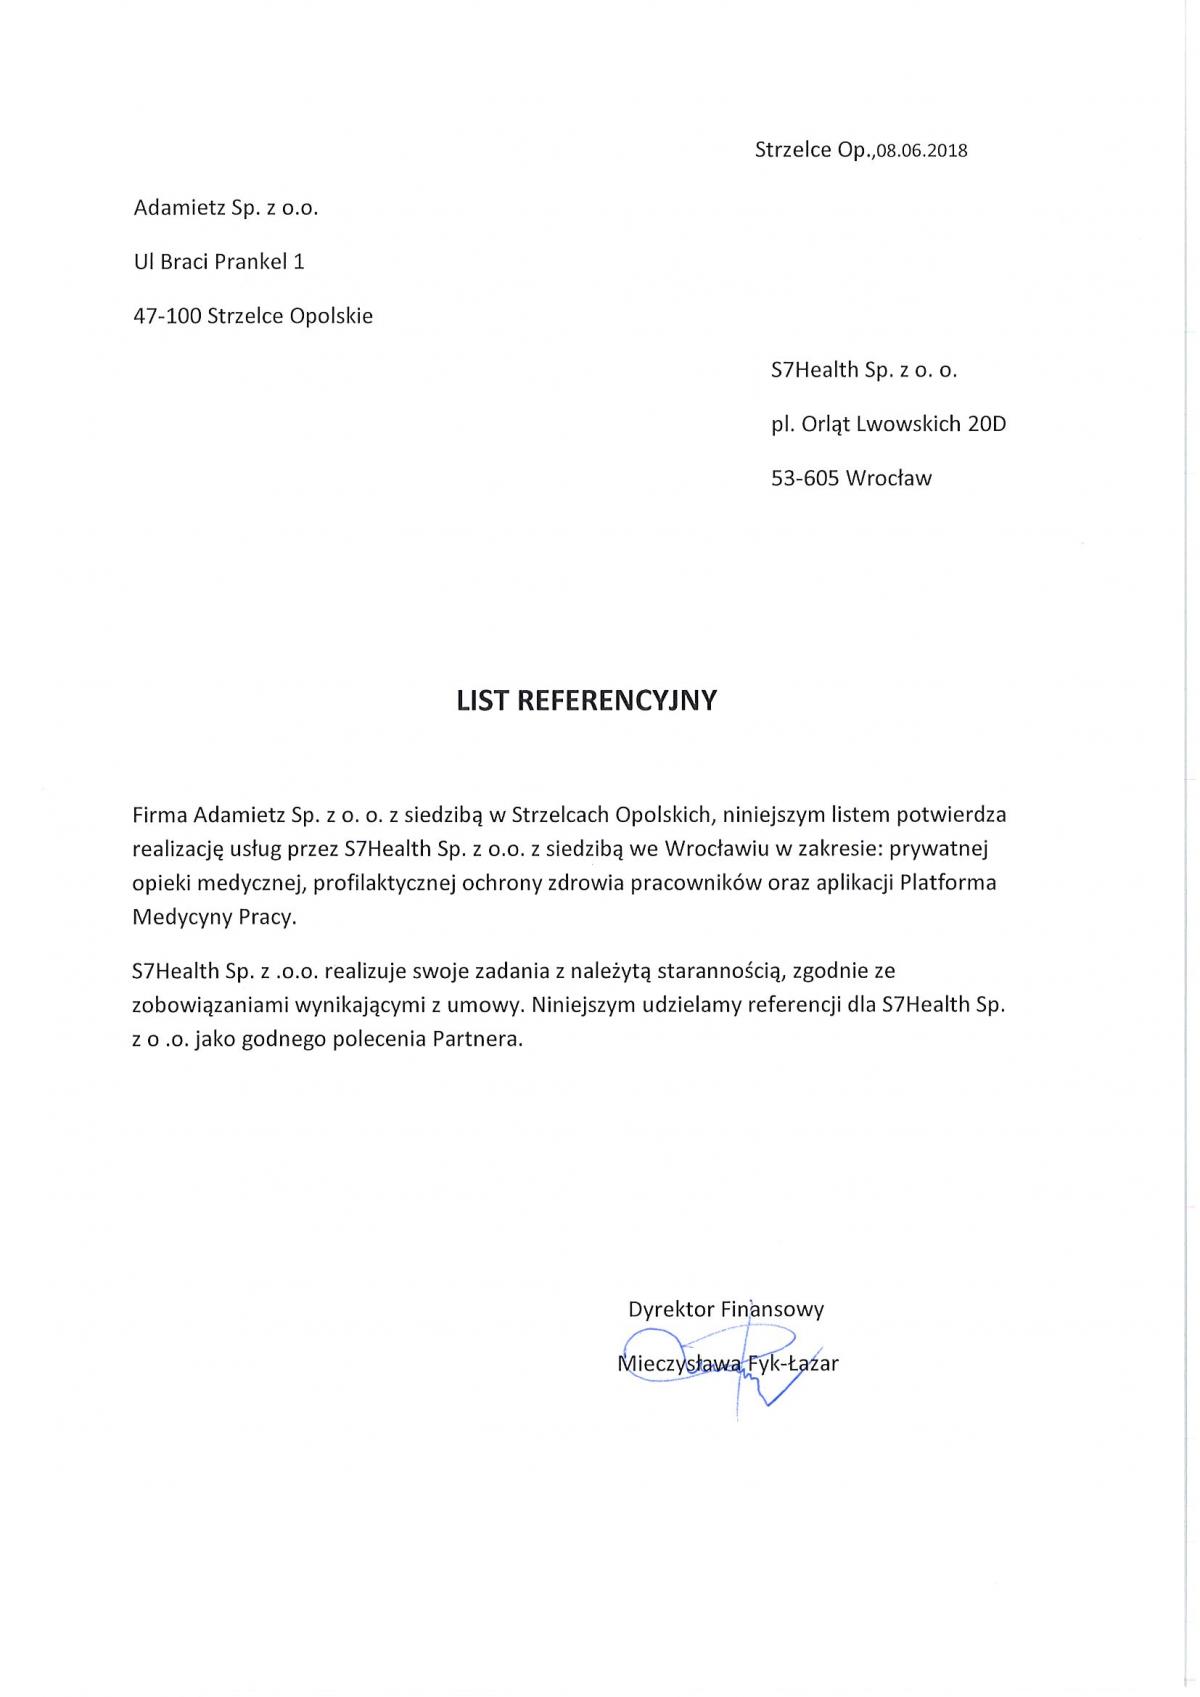 List referencyjny Adamietz 1200x1697 1 - Wyślij zapytanie o ofertę